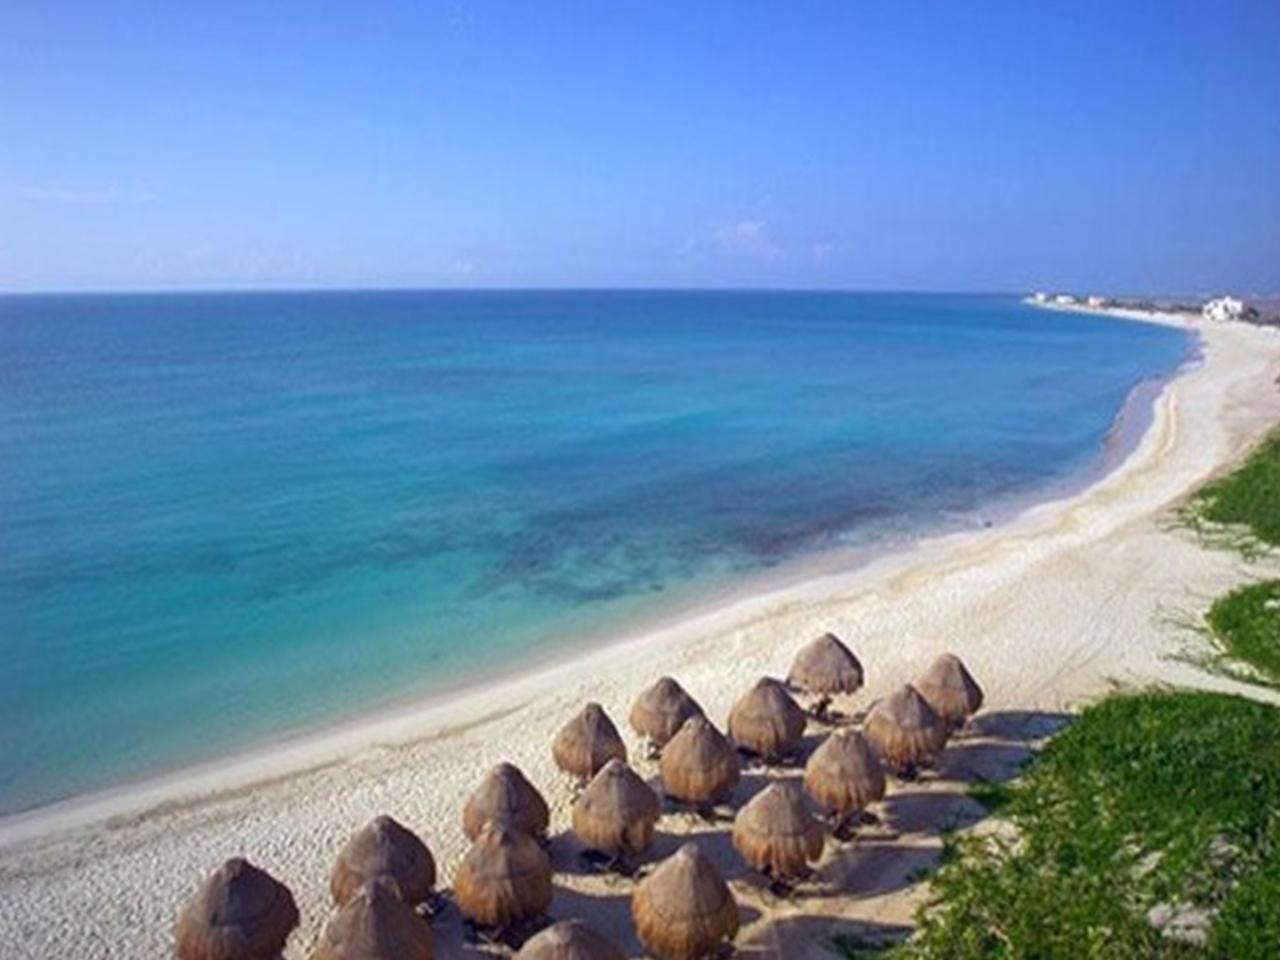 Bodas en la playa paquetes - alberca